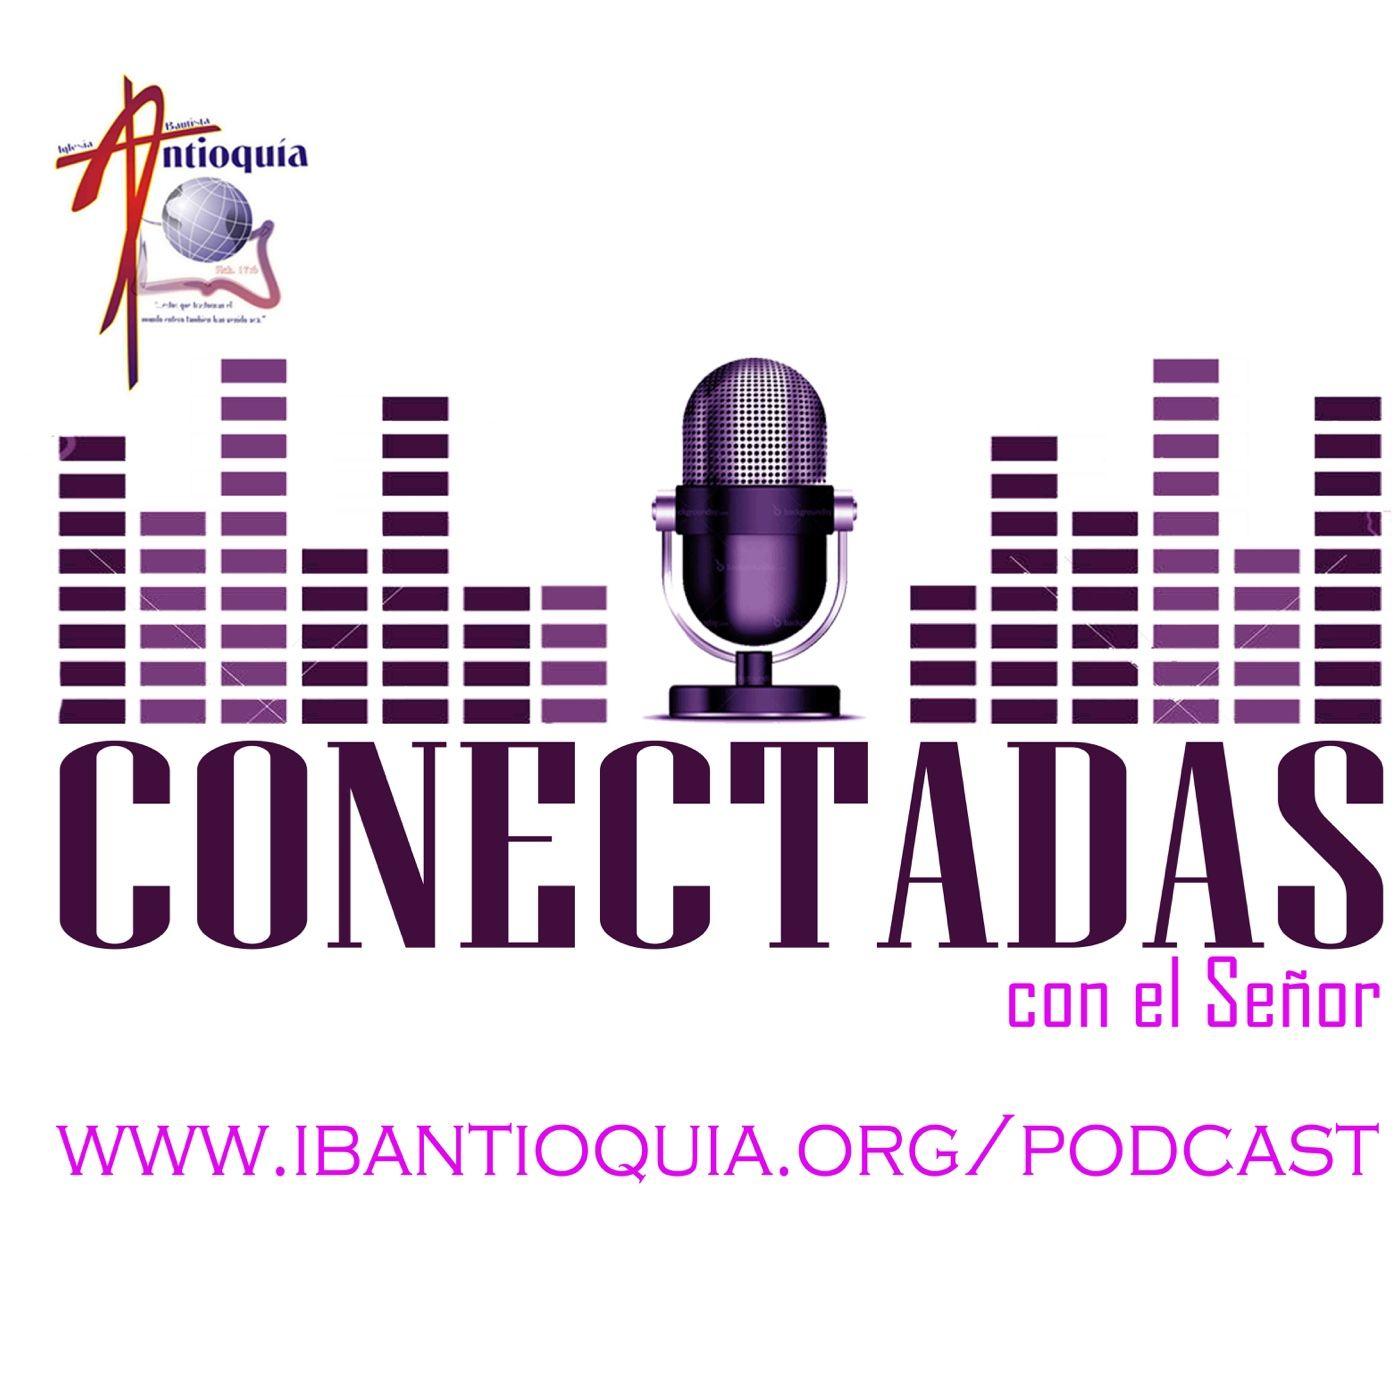 Episodio 31 - Conectadas - Hna. Mariuska de Aldana - IBA